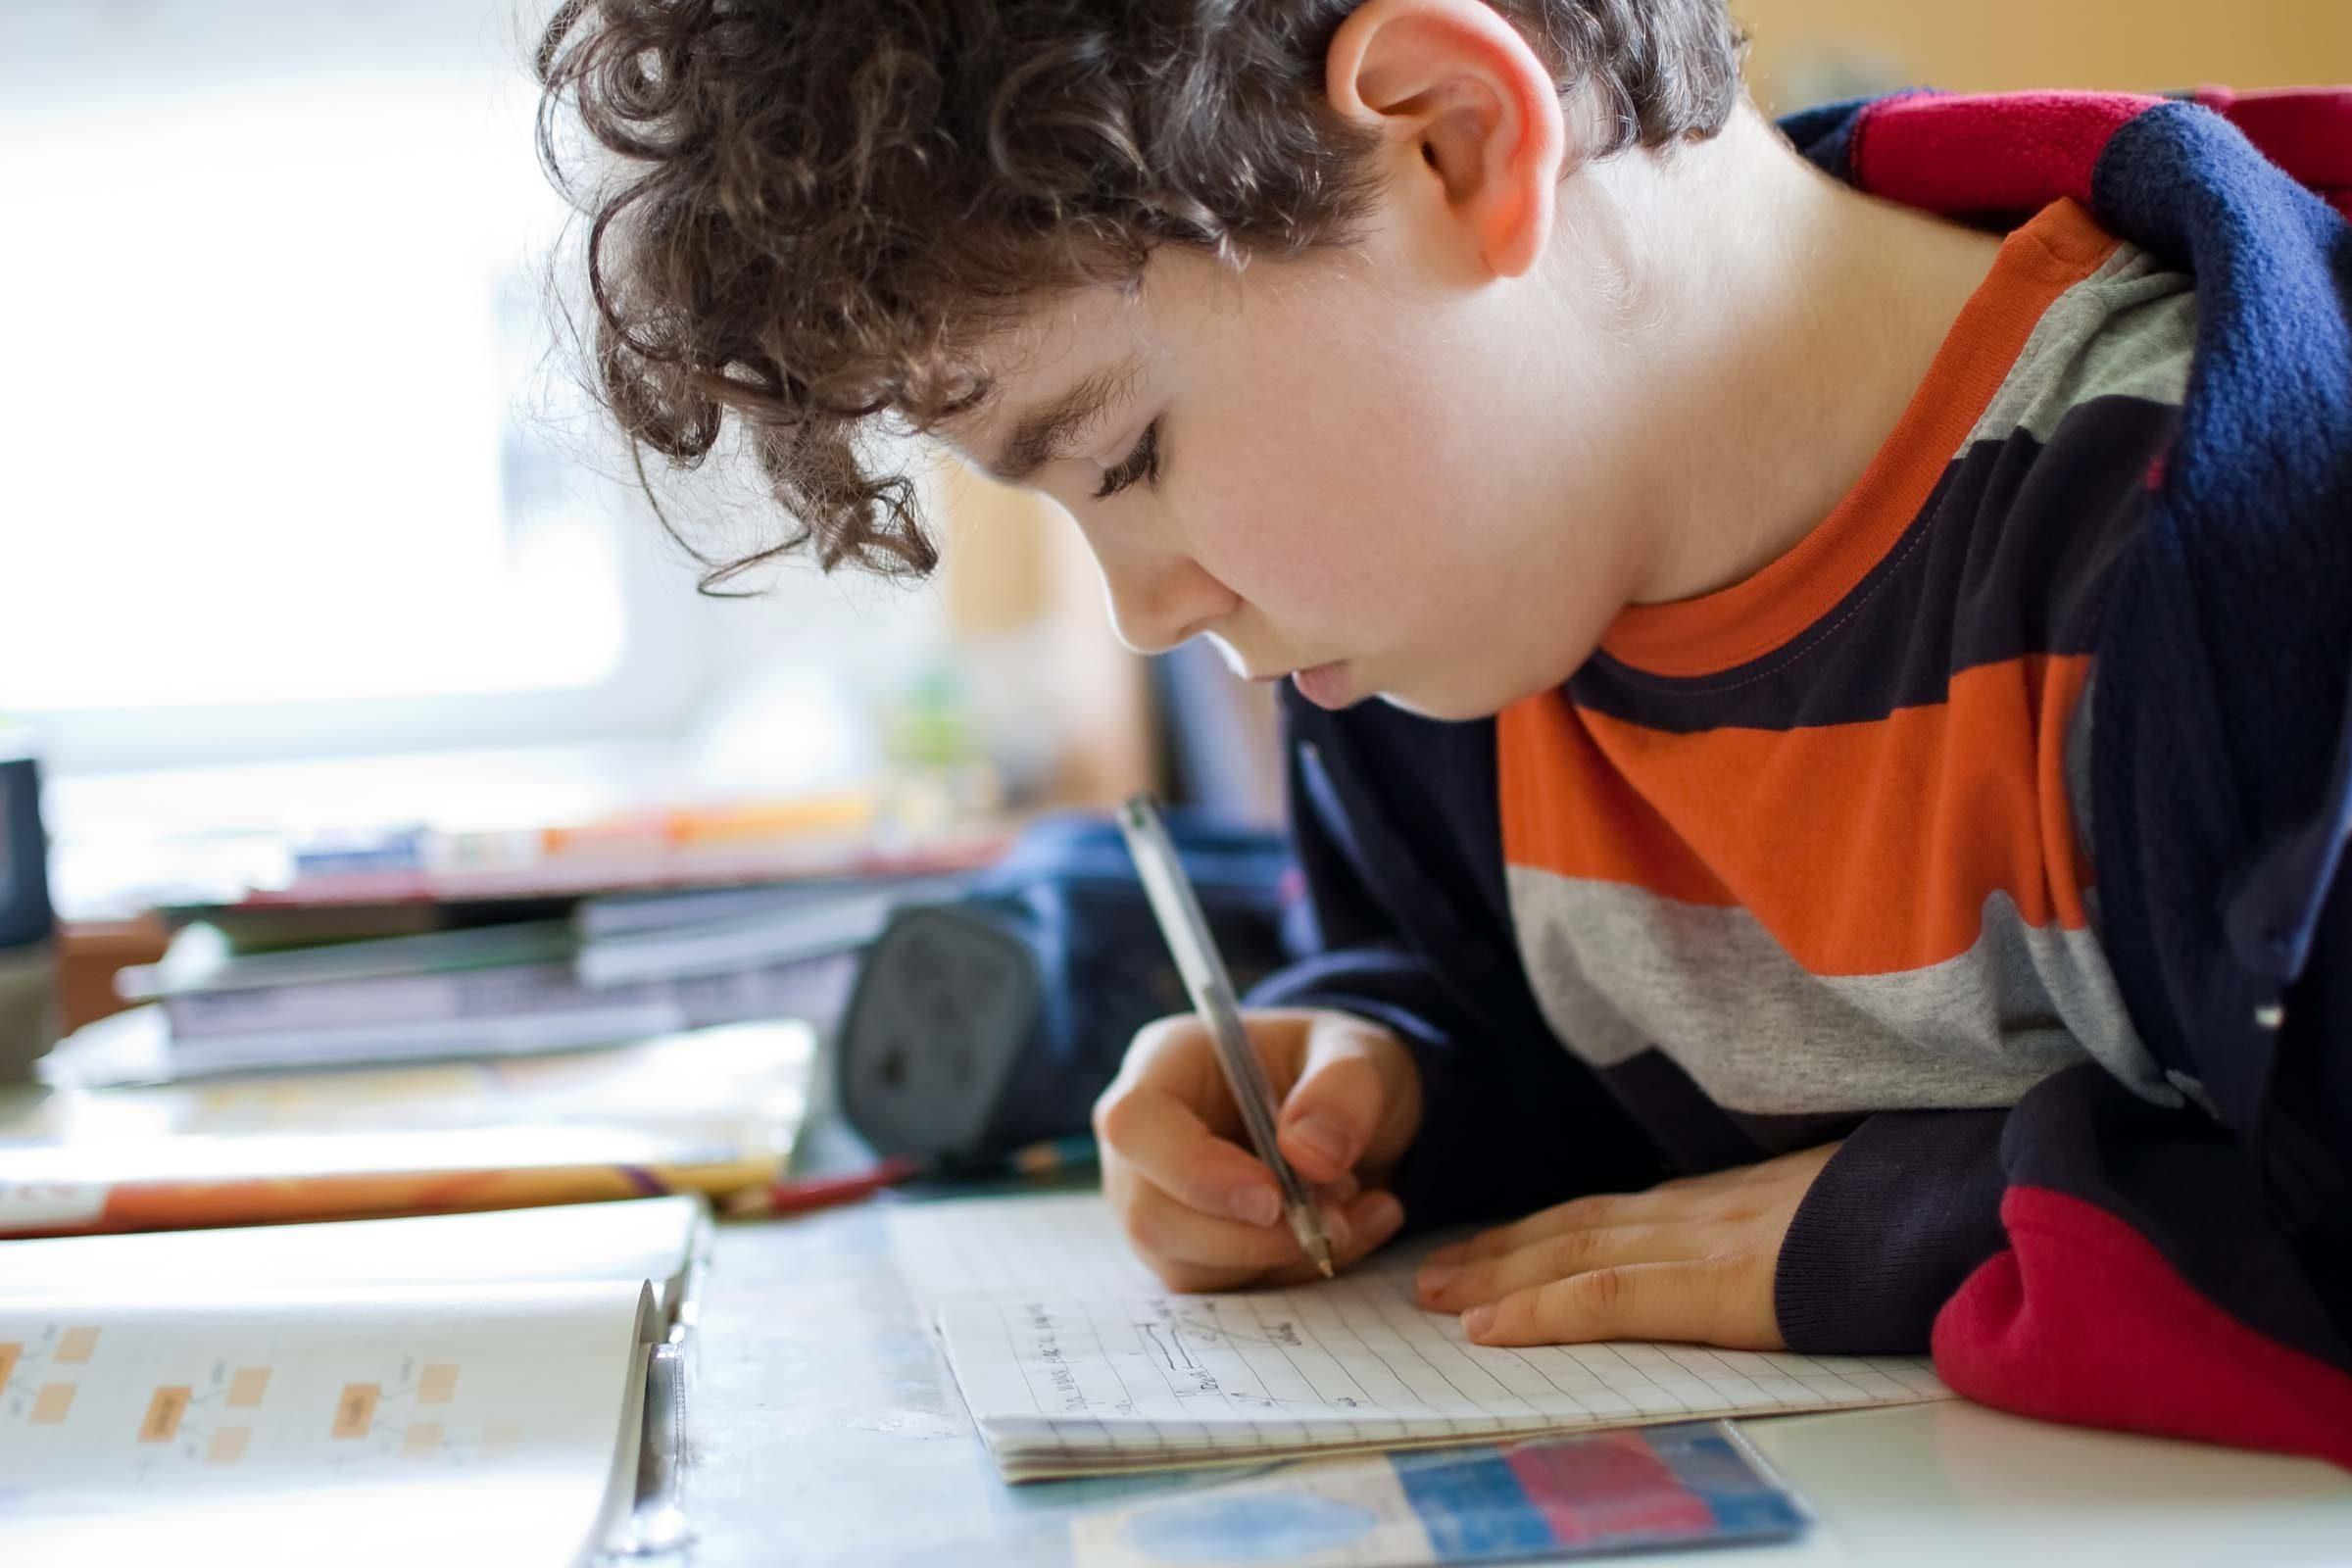 Erin Stewart  Does homework help or hurt our kids    Deseret News